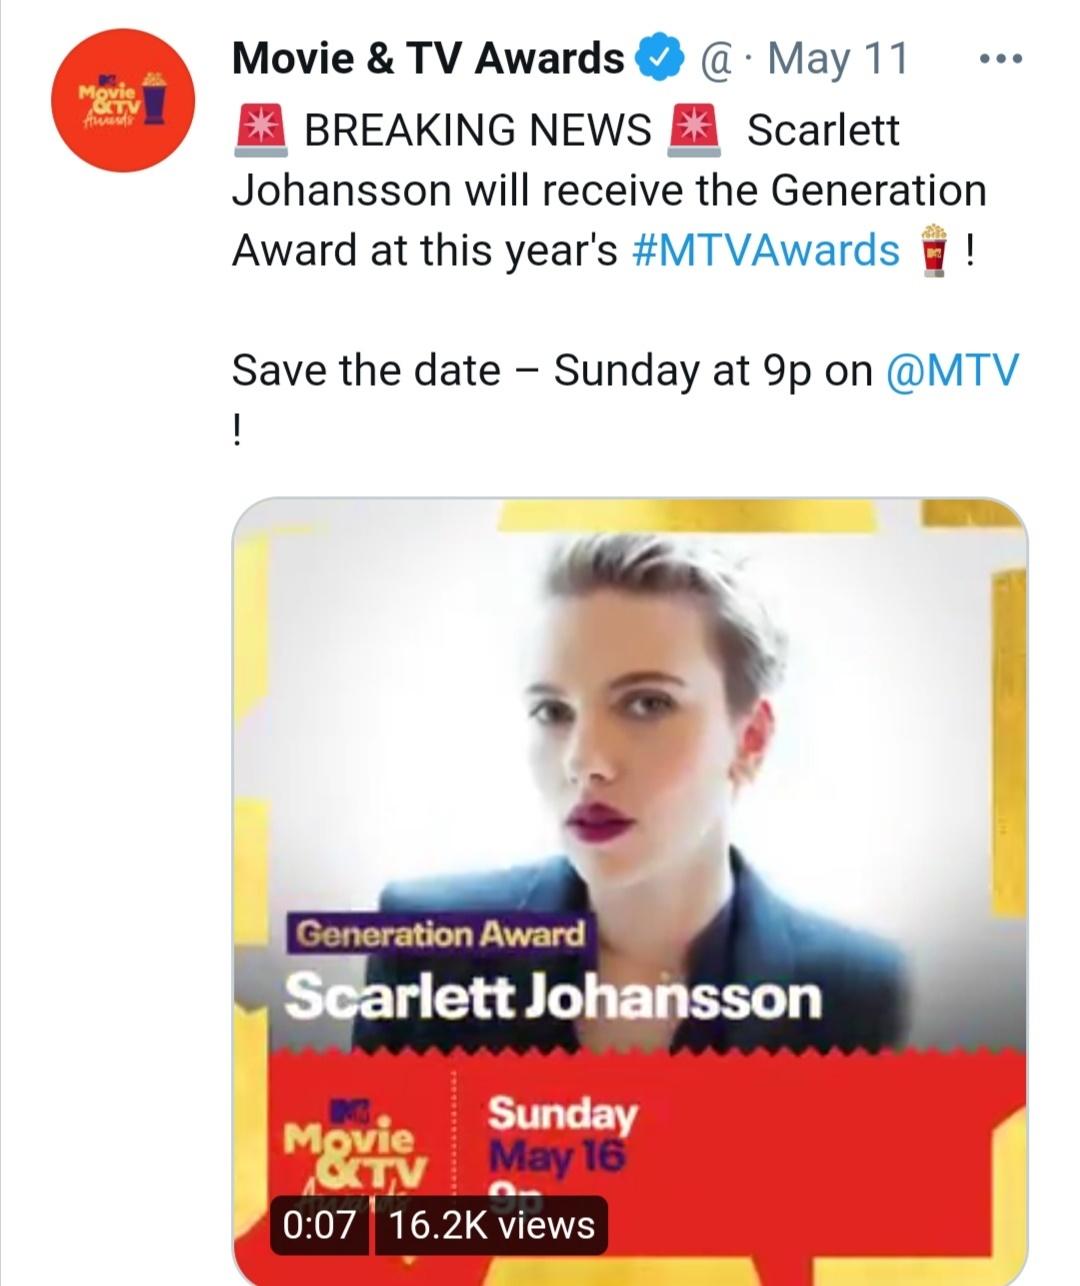 إعلان فوز سكارليت جوهانسون بجائزة نجمة الجيل- الصورة من حساب MTV على تويتر